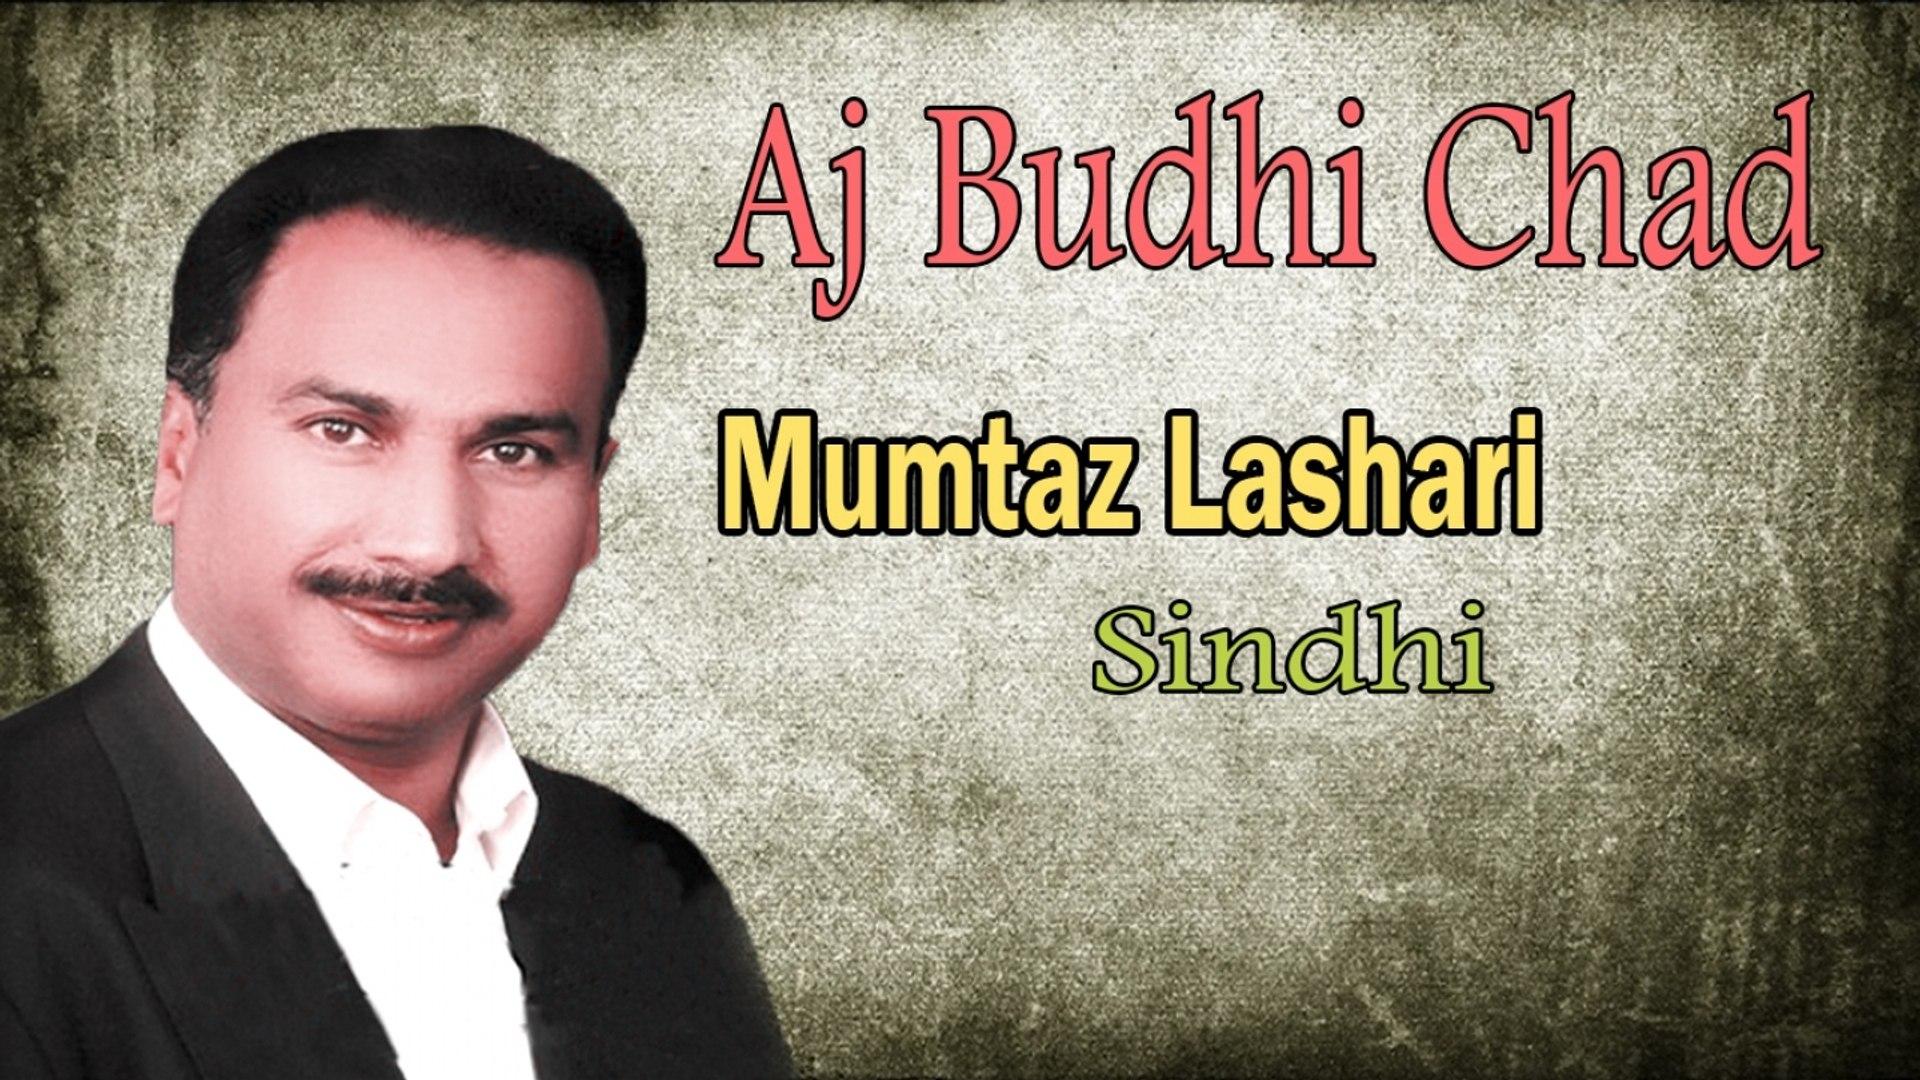 Mumtaz Lashari - Aj Budhi Chad